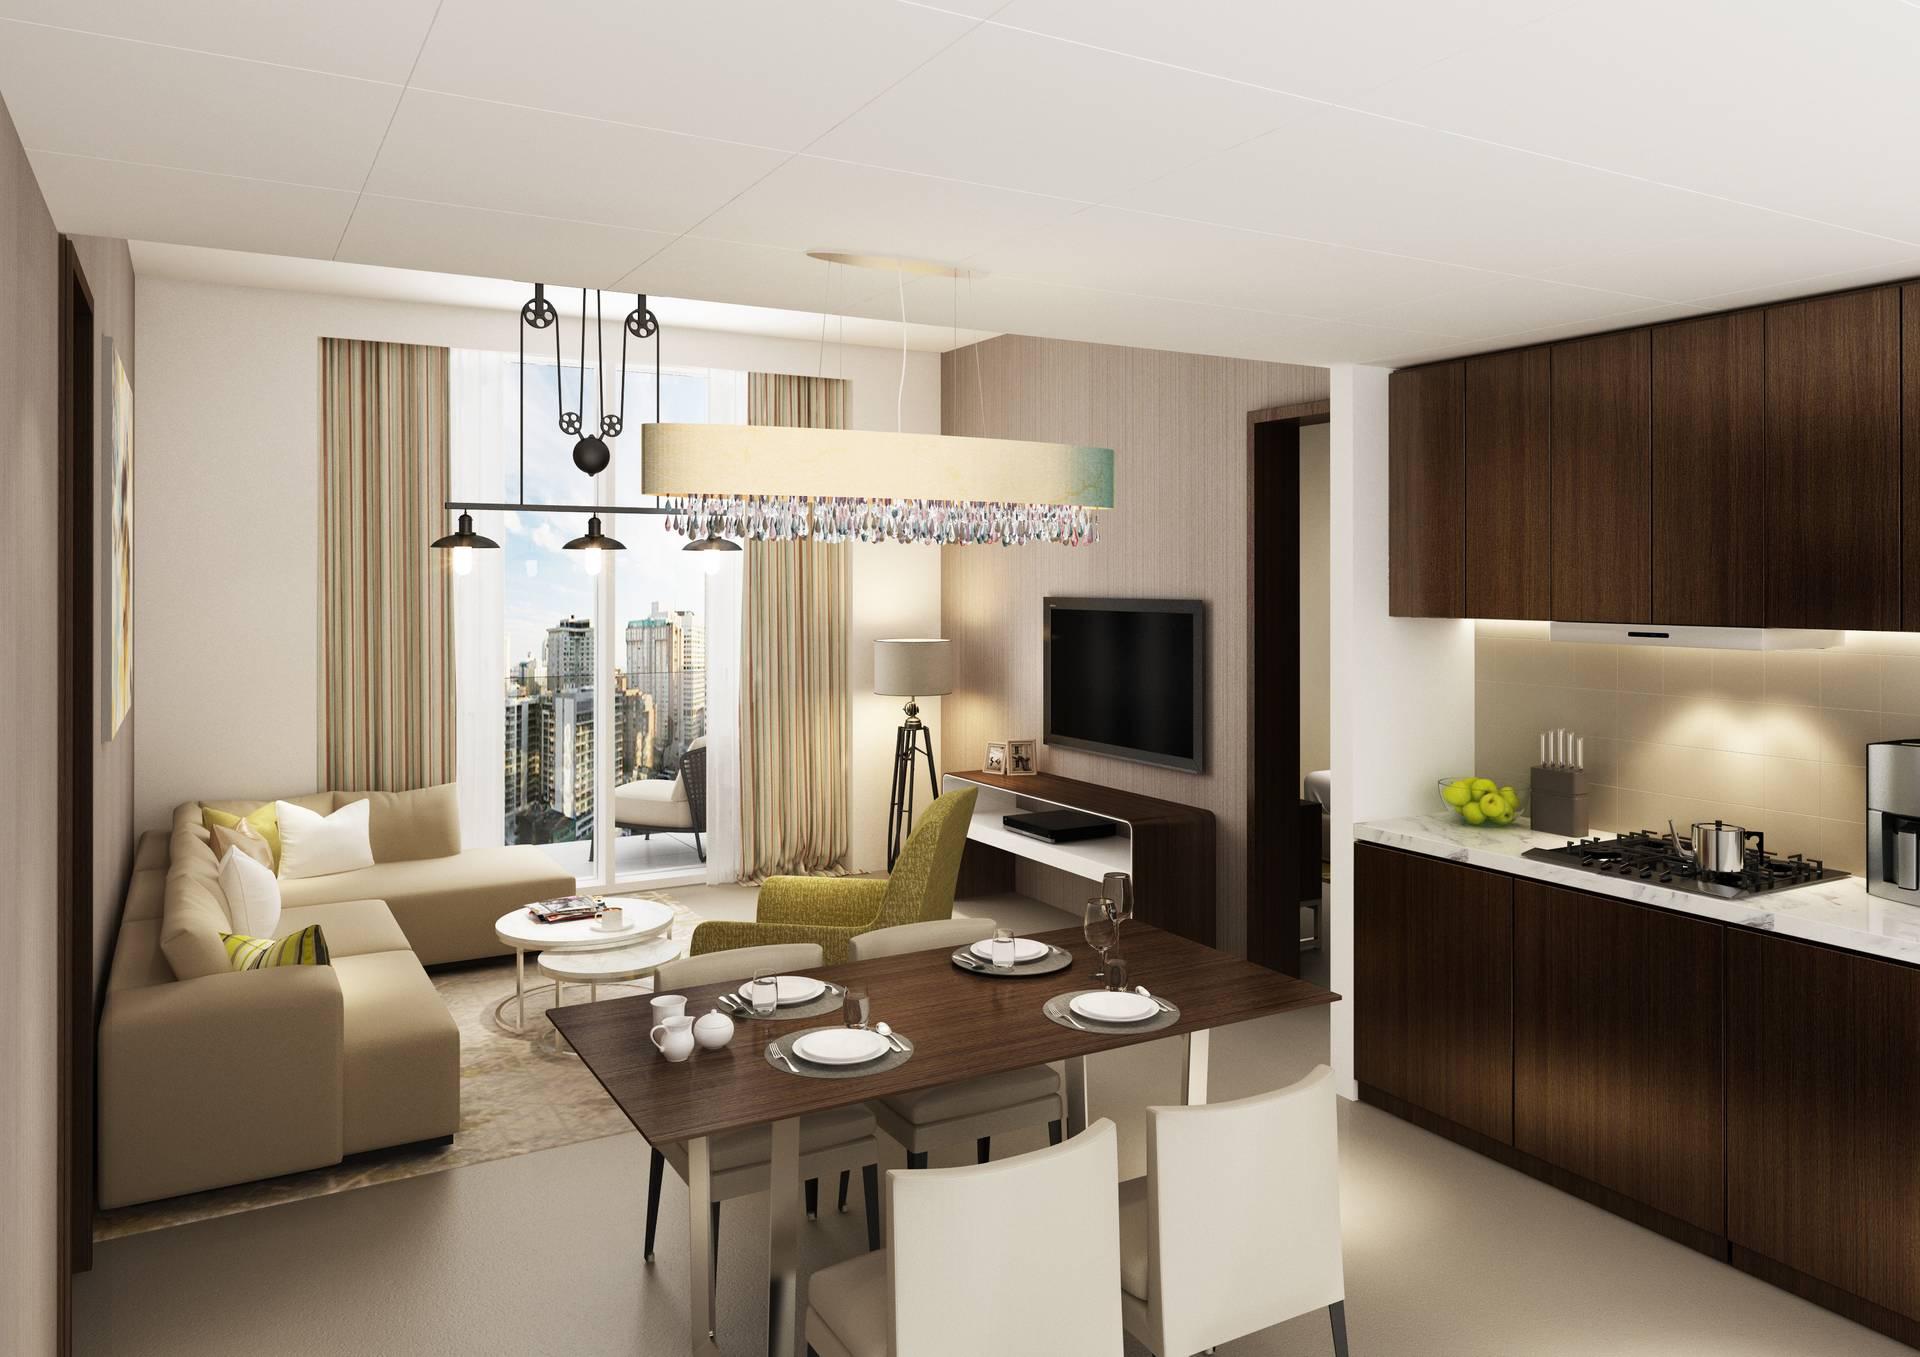 Апартаменты, sale в Reva Tower Дубай, ОАЭ